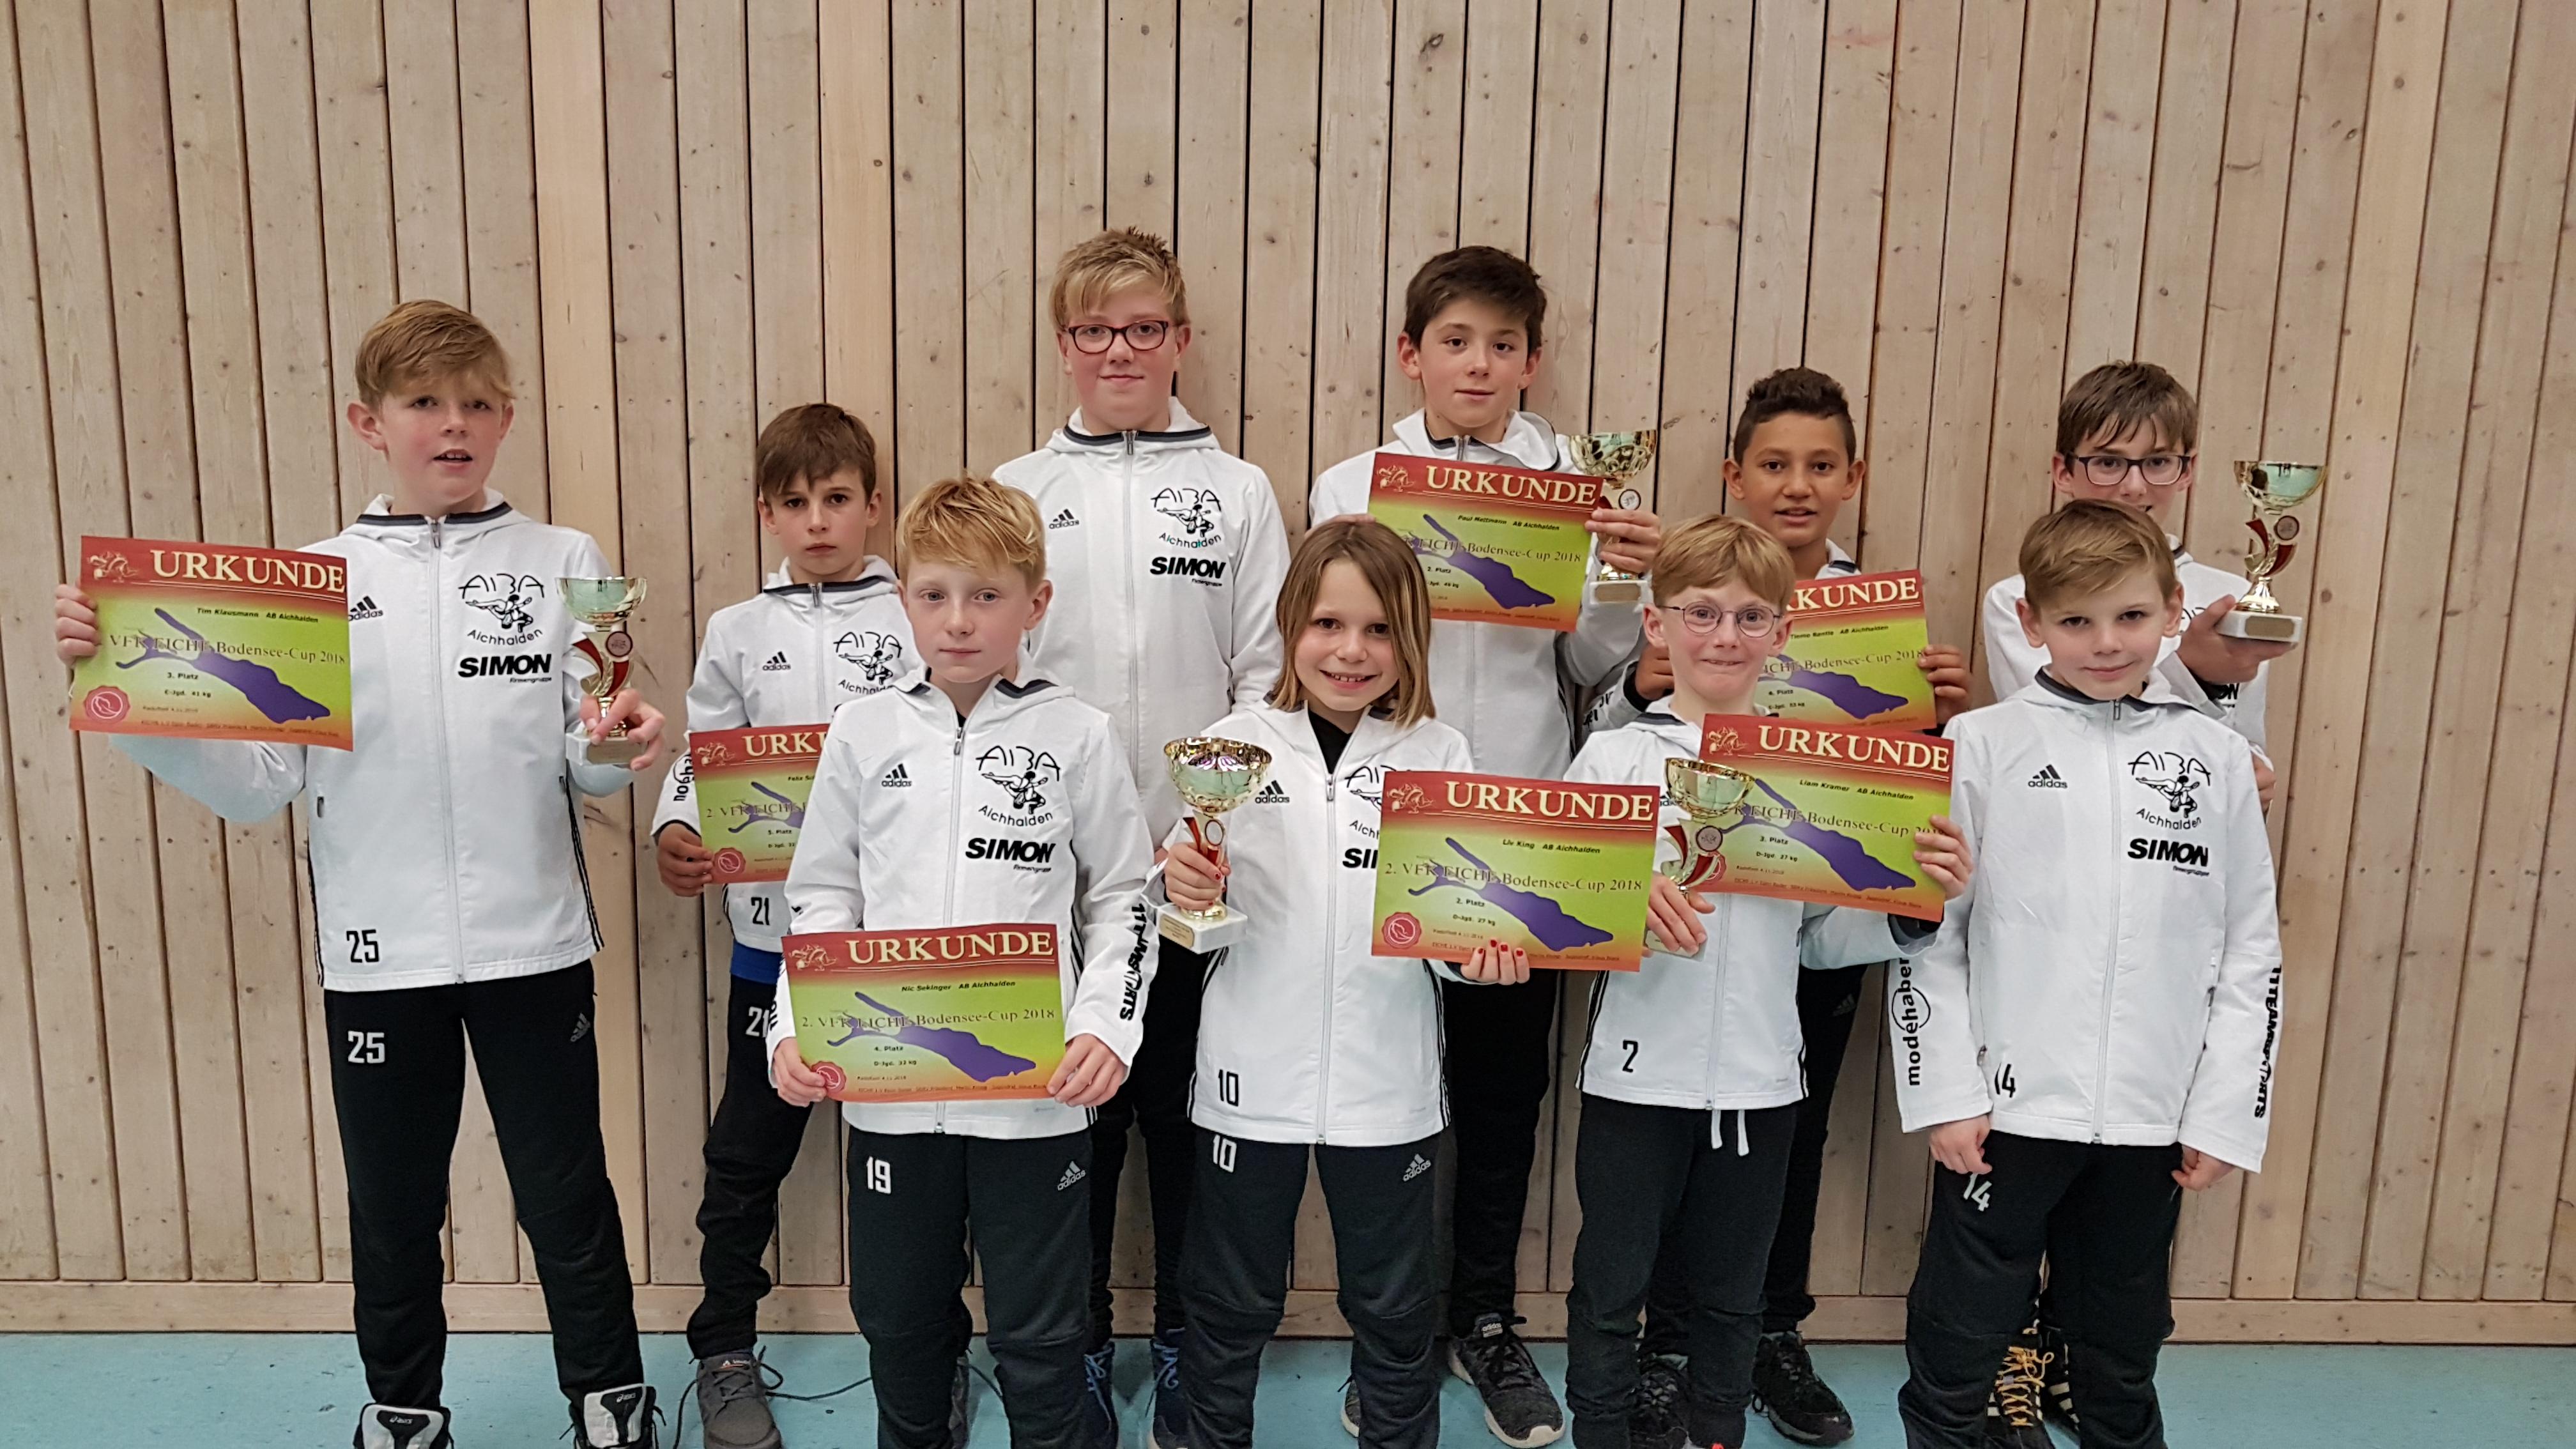 Bodensee Turnier in Radolfzell